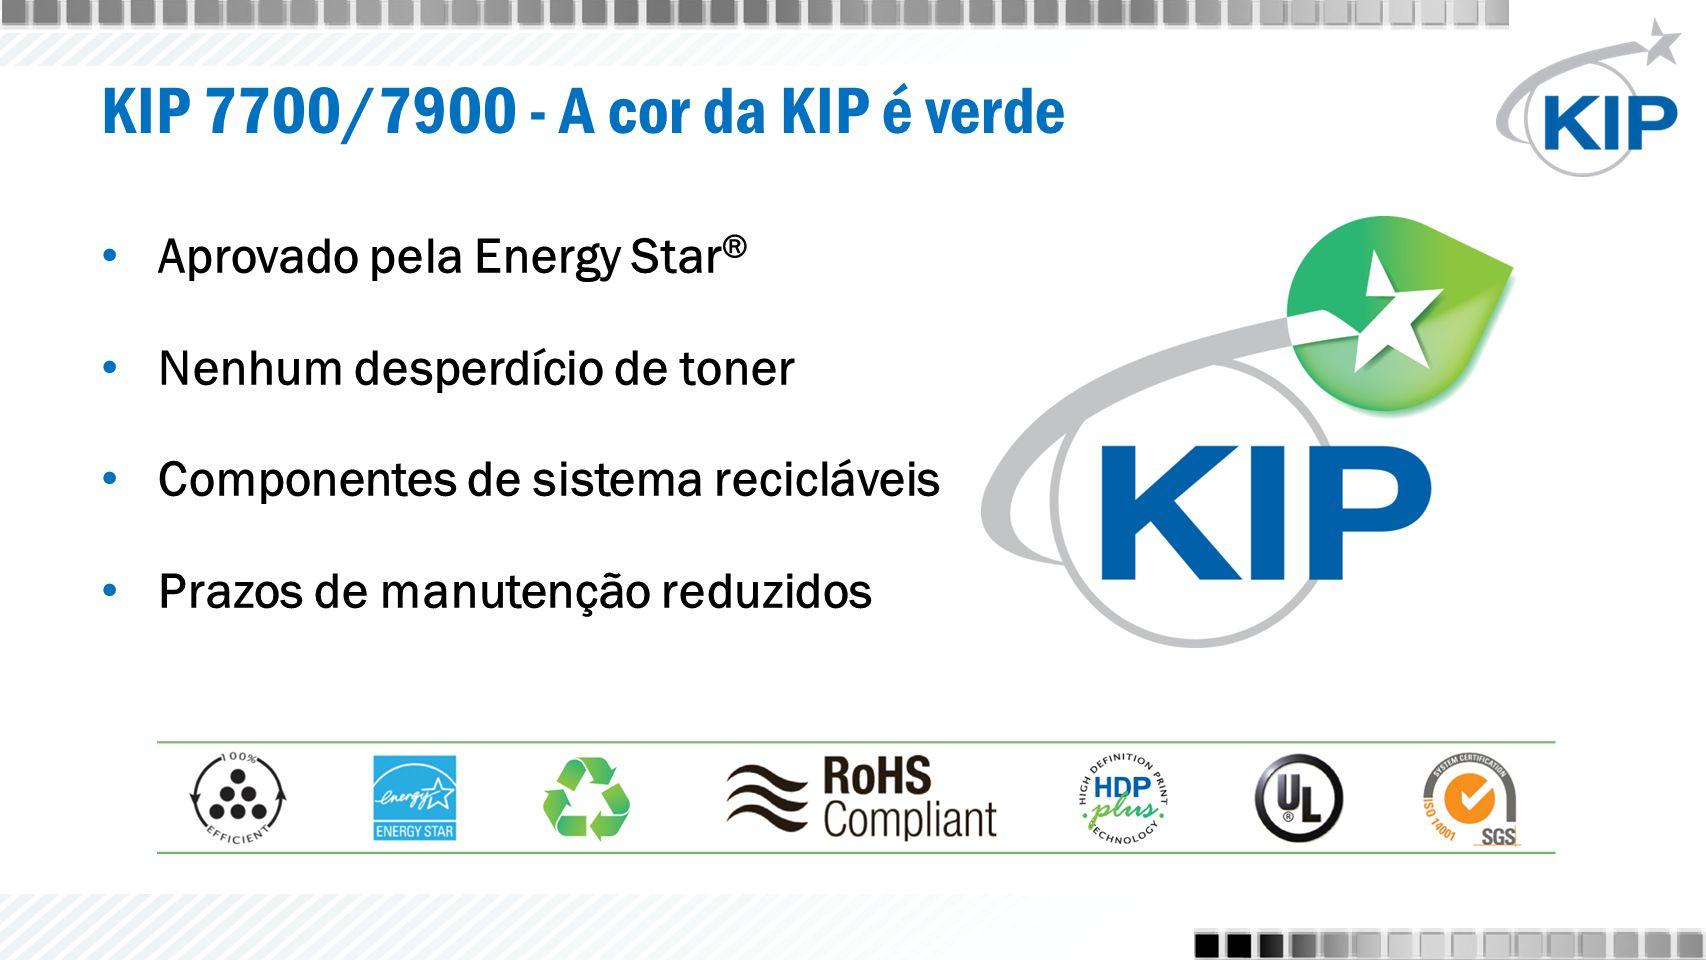 KIP 7700/7900 - A cor da KIP é verde Aprovado pela Energy Star ® Nenhum desperdício de toner Componentes de sistema recicláveis Prazos de manutenção reduzidos